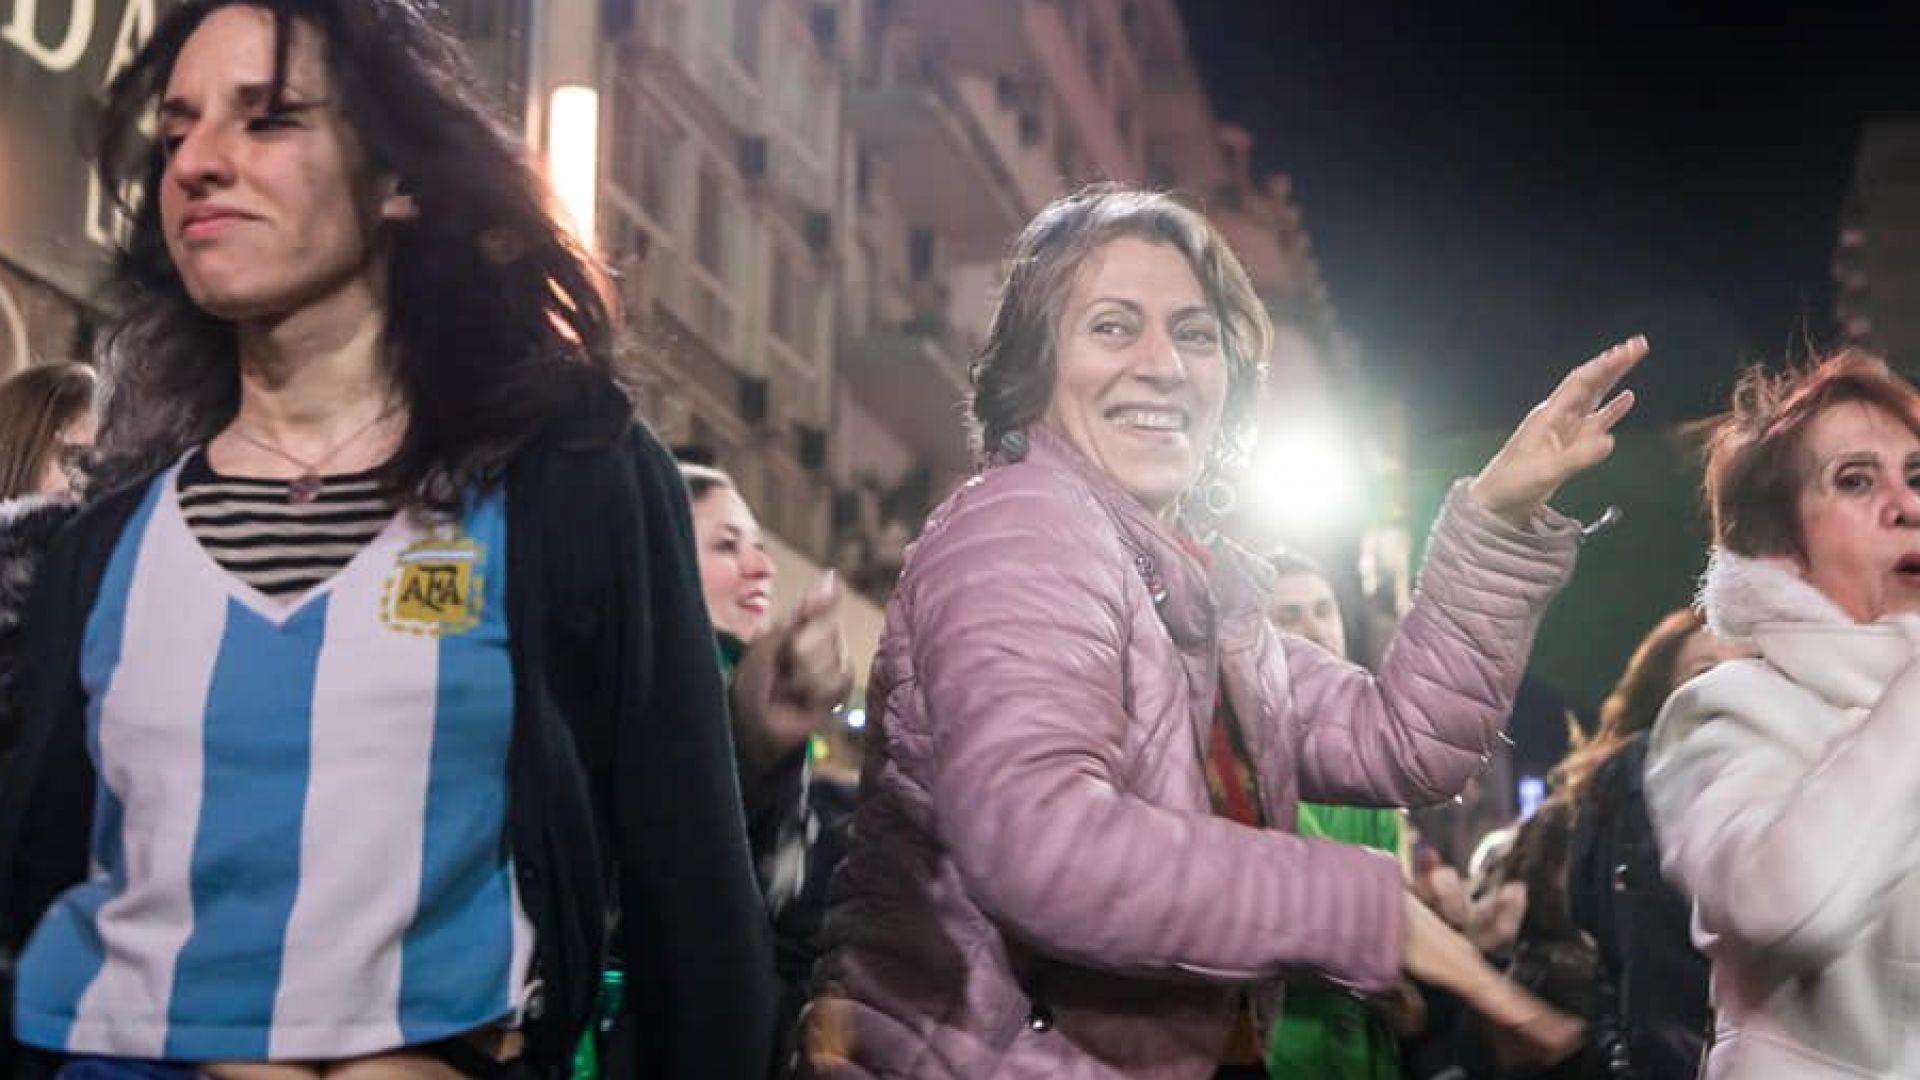 Феноменът Кумбия: Аржентинци бутат властта с танц заради бедност и мизерия